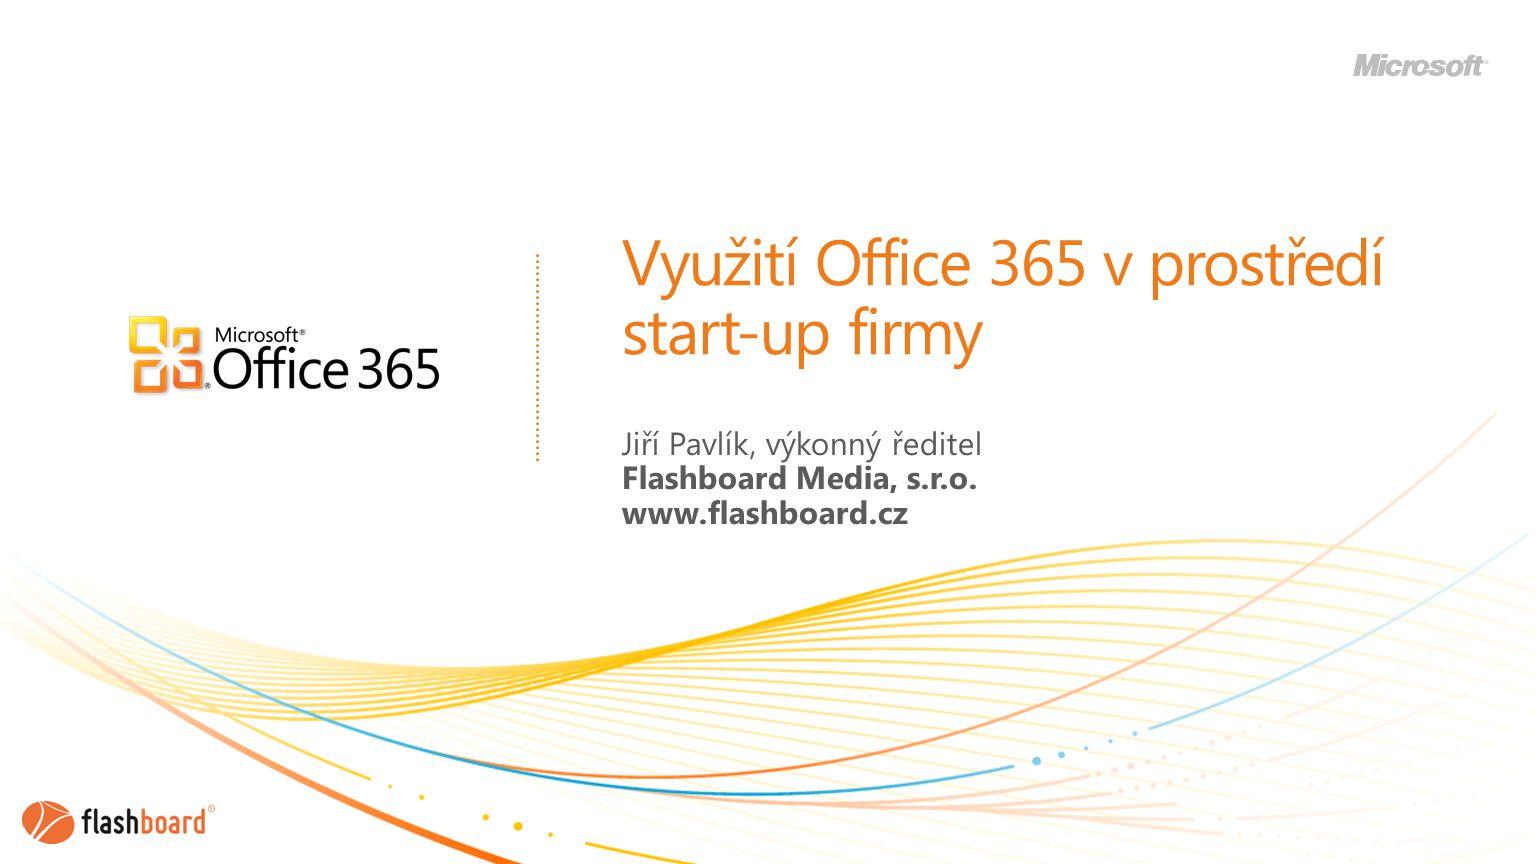 Využití Office 365 v prostředí start-up firmy Jiří Pavlík, výkonný ředitel Flashboard Media, s.r.o.